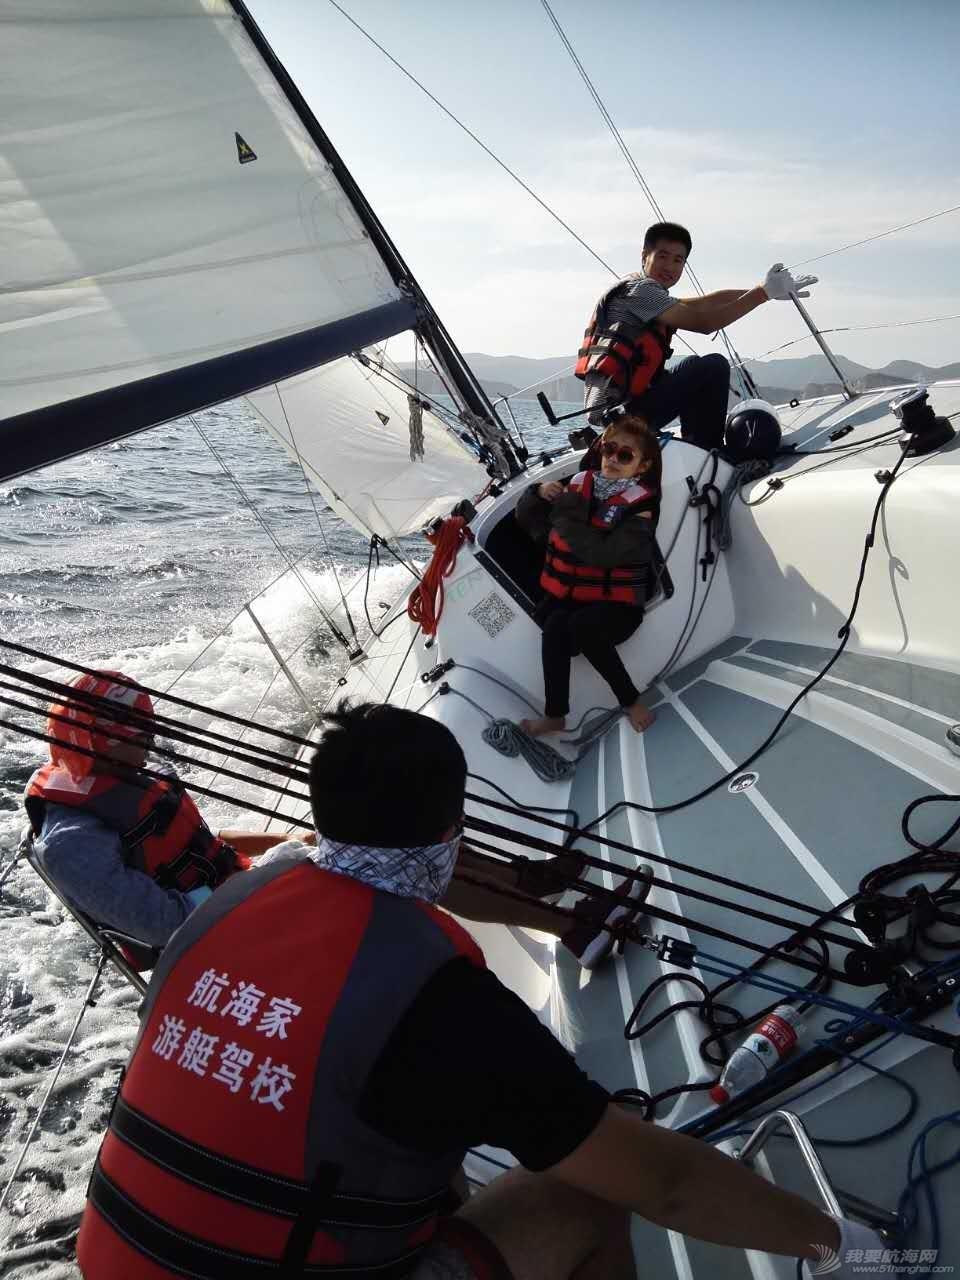 俱乐部,航海家,启航,永恒 这是一群快乐的群体 IMG_4912.JPG